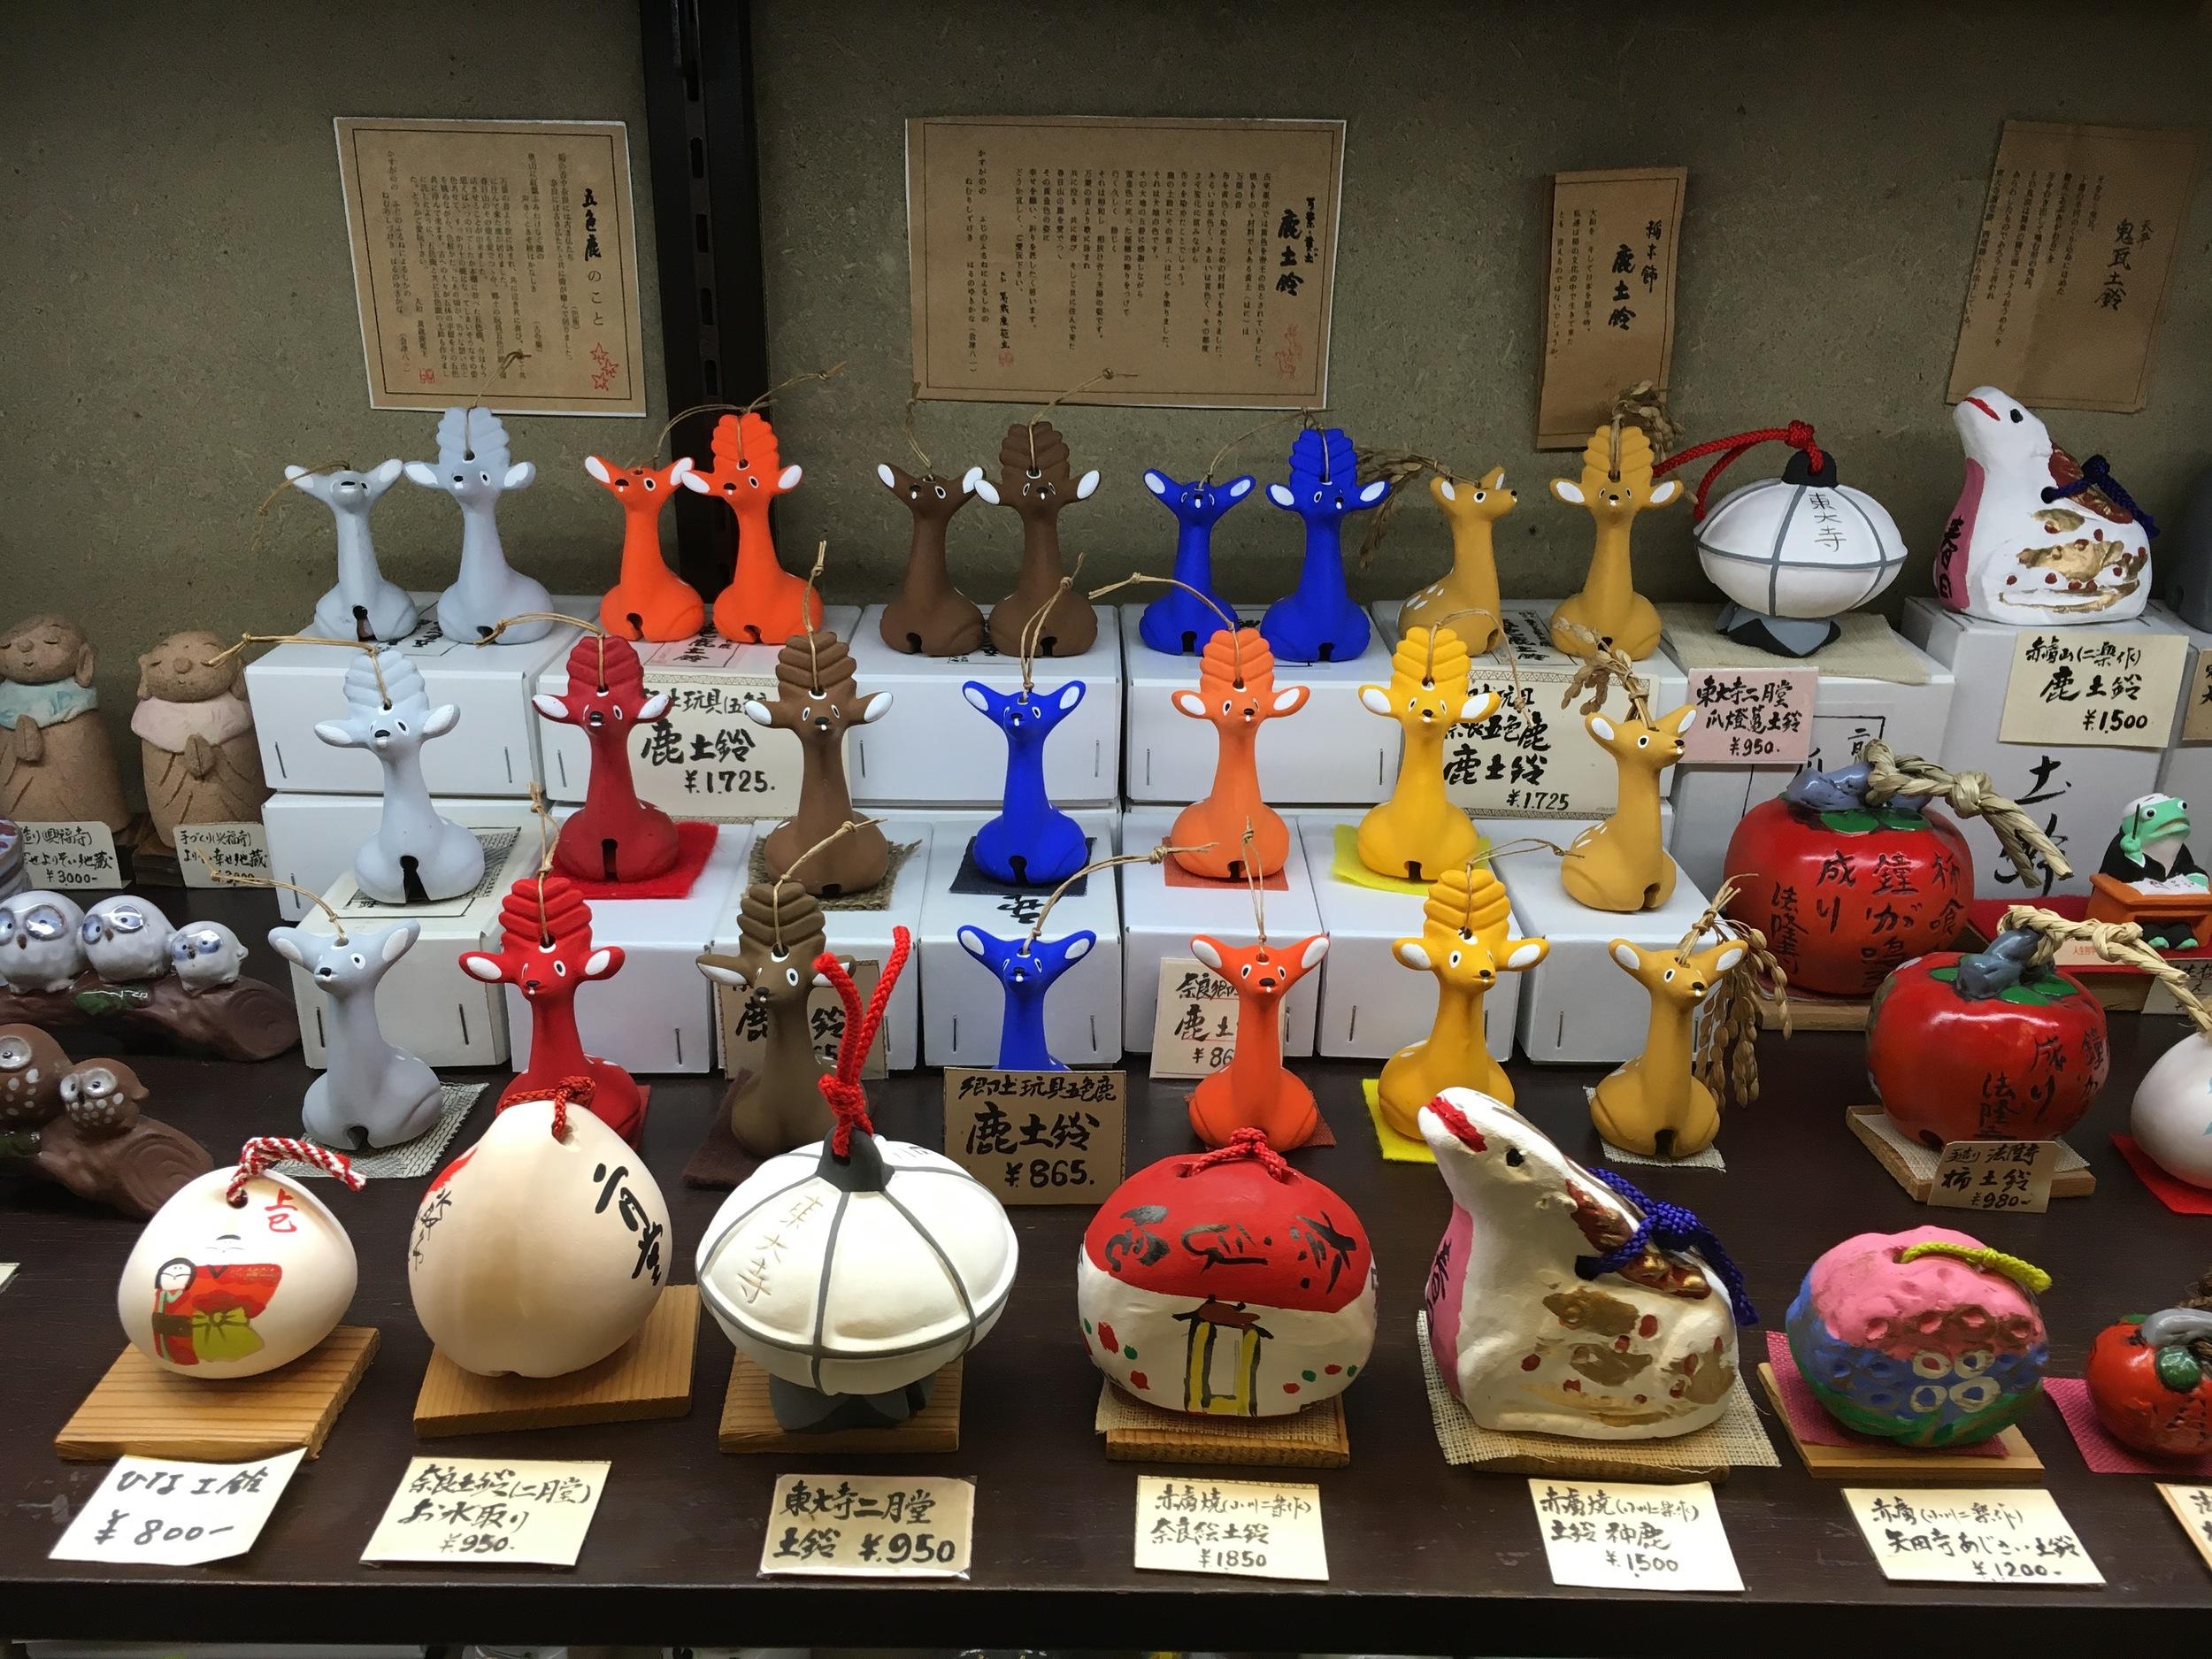 Handmade deer figurines.